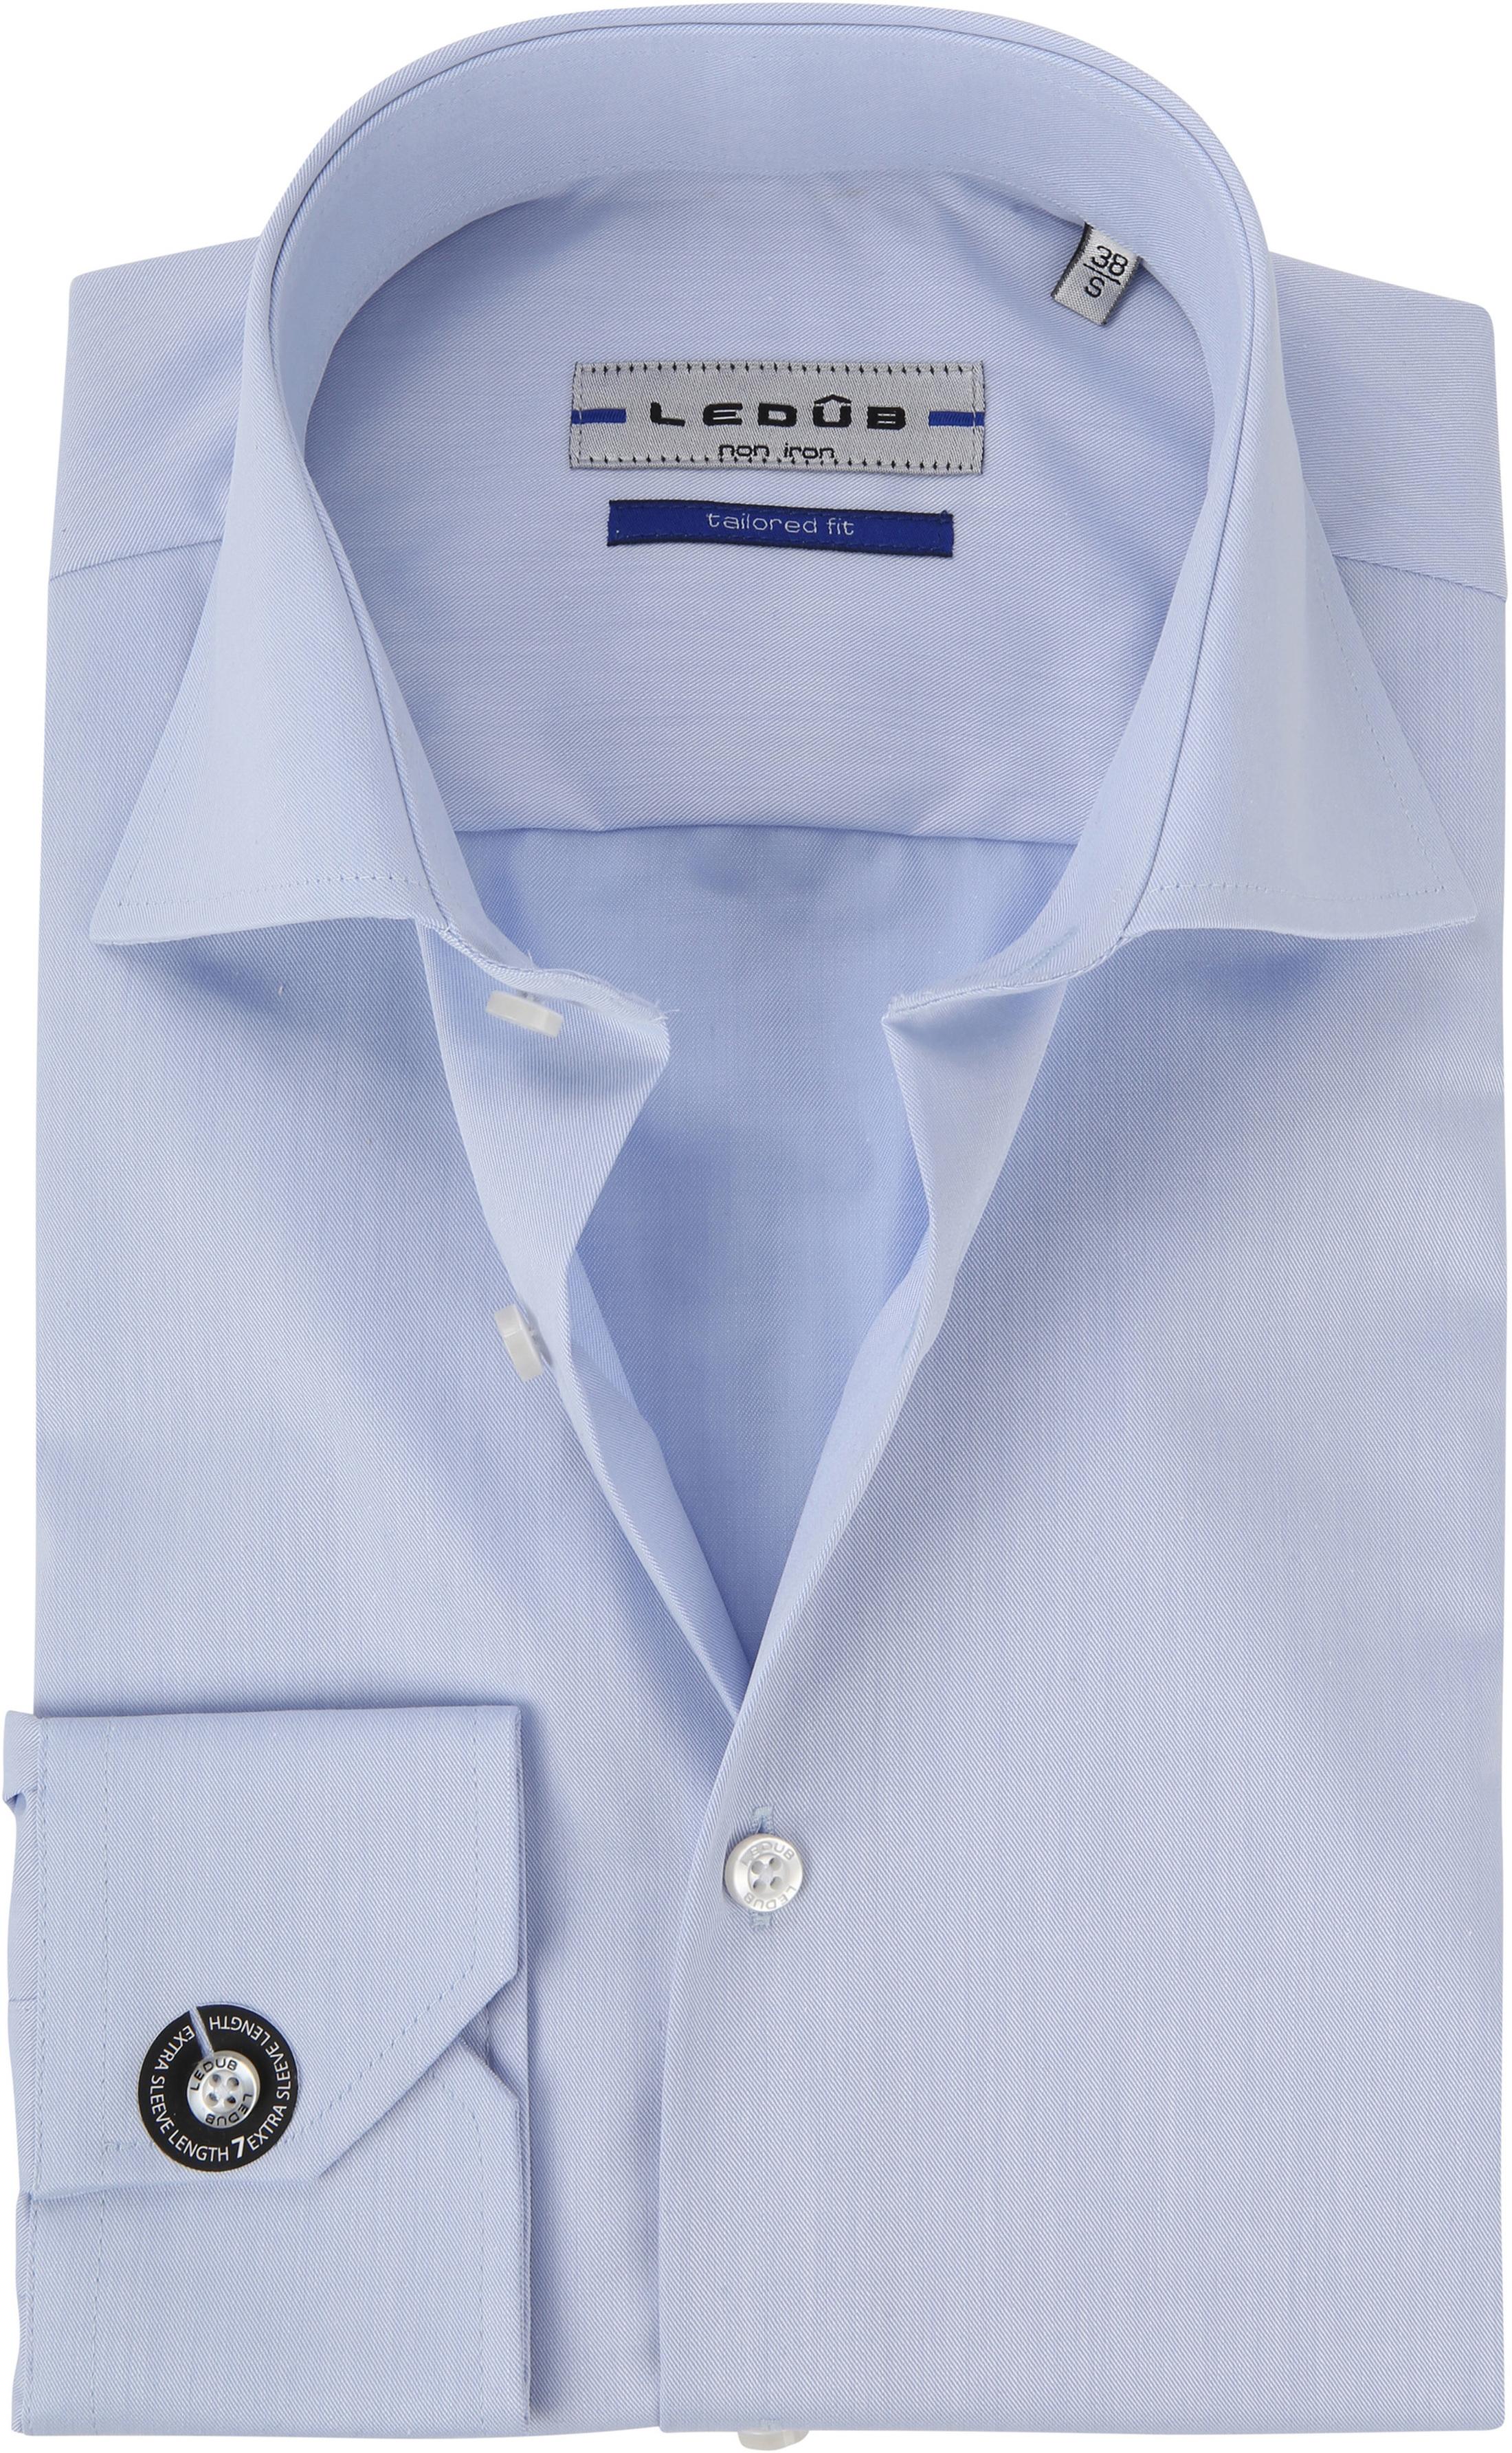 Ledub Hemd Bügelfrei Blau Sleeve 7 foto 0